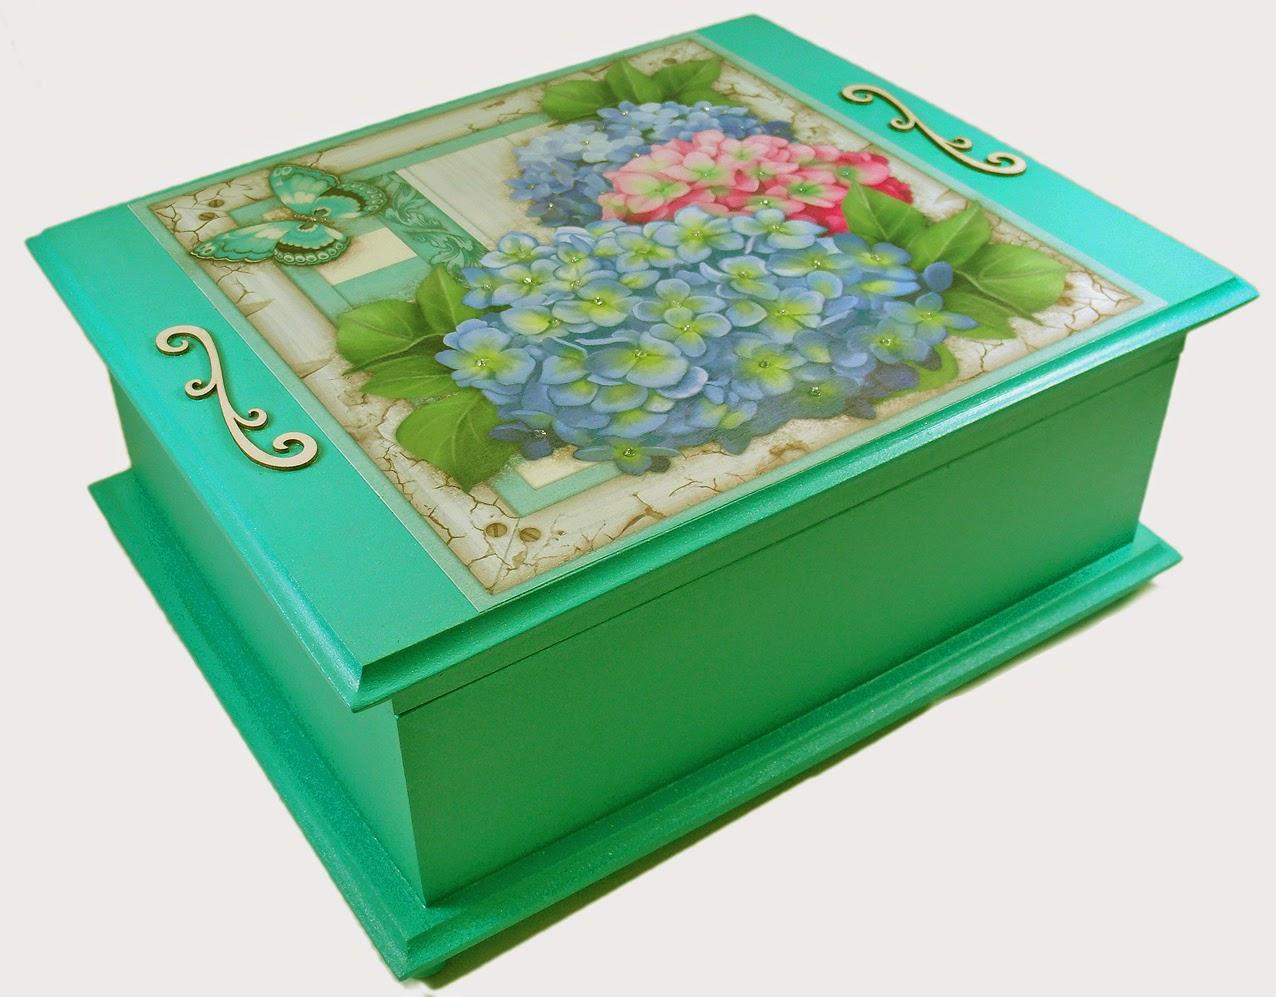 caixa de joias em madeira decorada